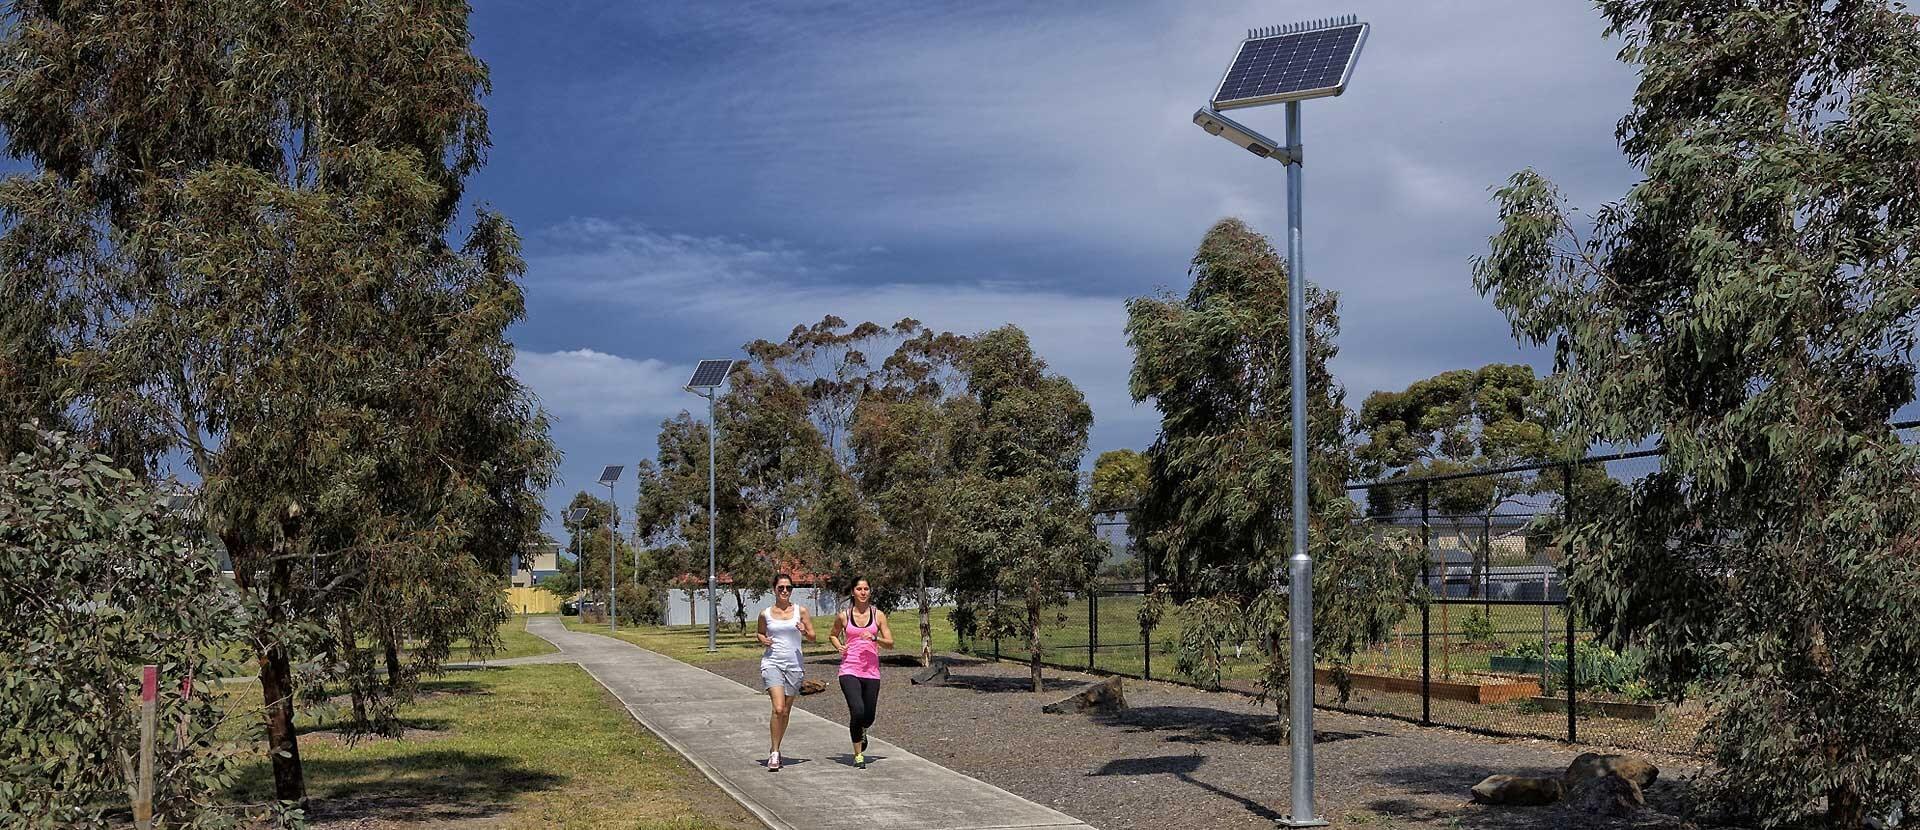 đèn chiếu sáng đường phố năng lượng mặt trời